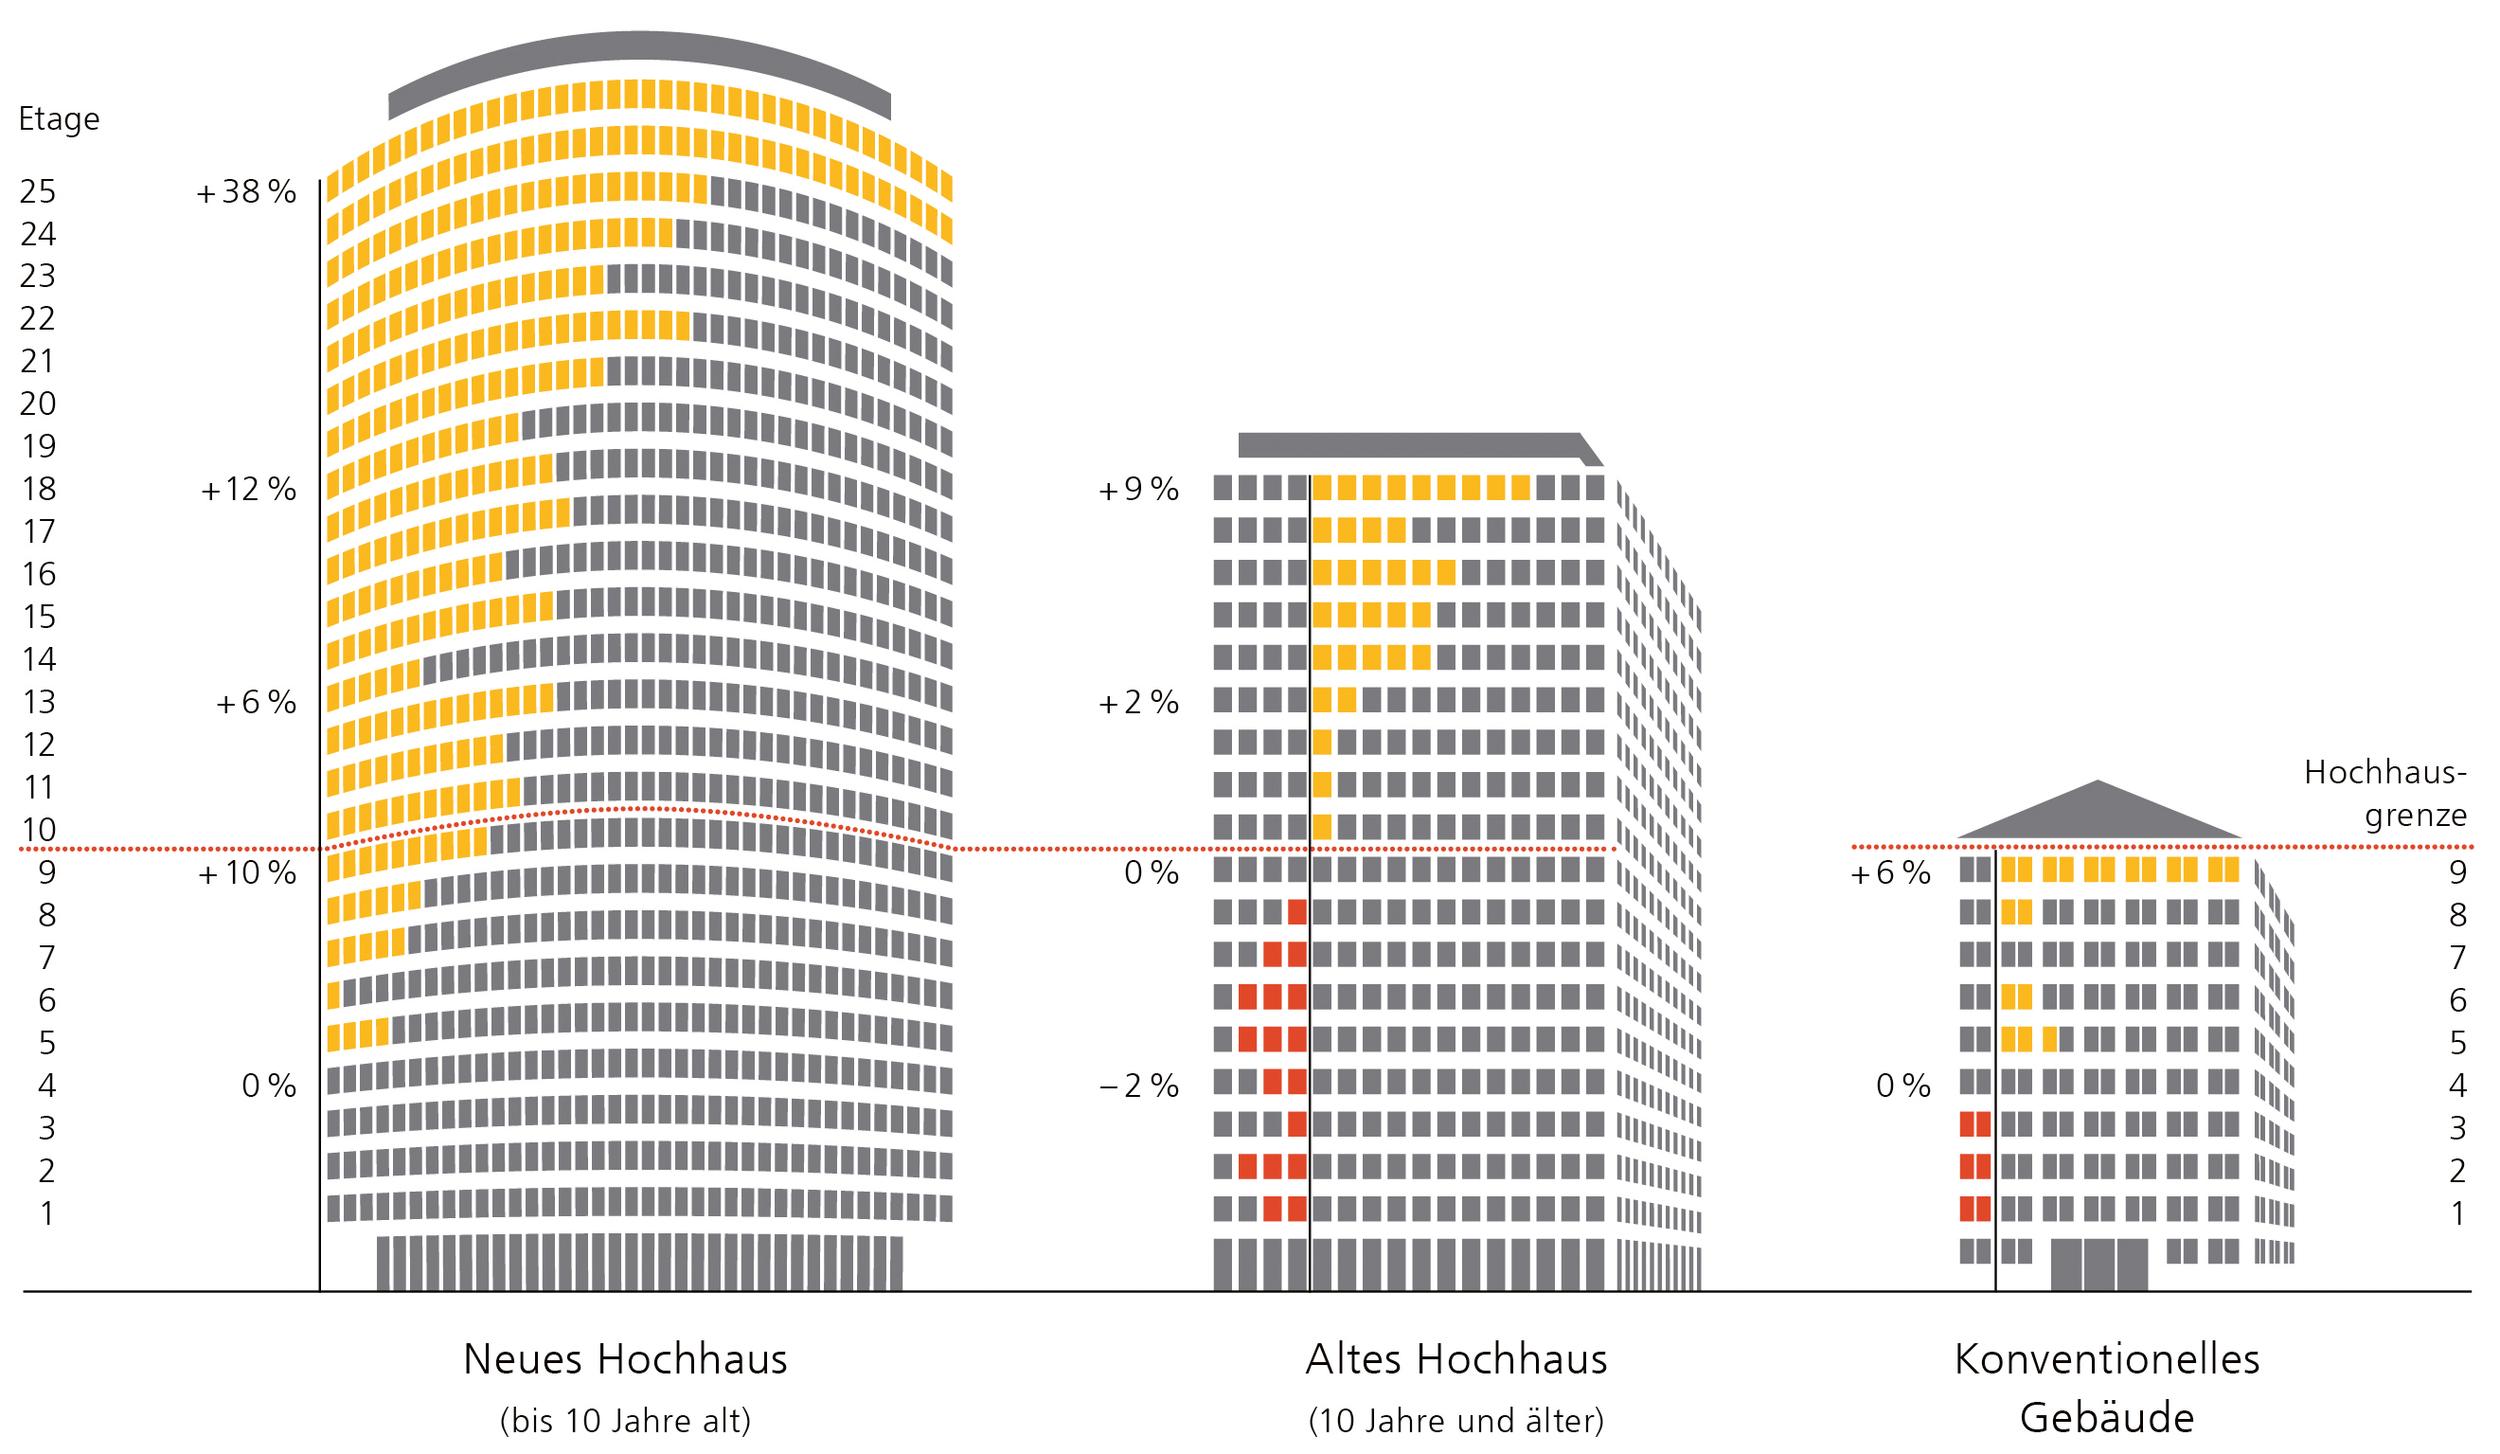 Lebendige Zusammenhänge. Übersetzung von komplexen Daten des Immobilienmarkts in klare, intuitive Darstellungen für Anleger und Interessierte. Zum Arbeitsbeispiel→